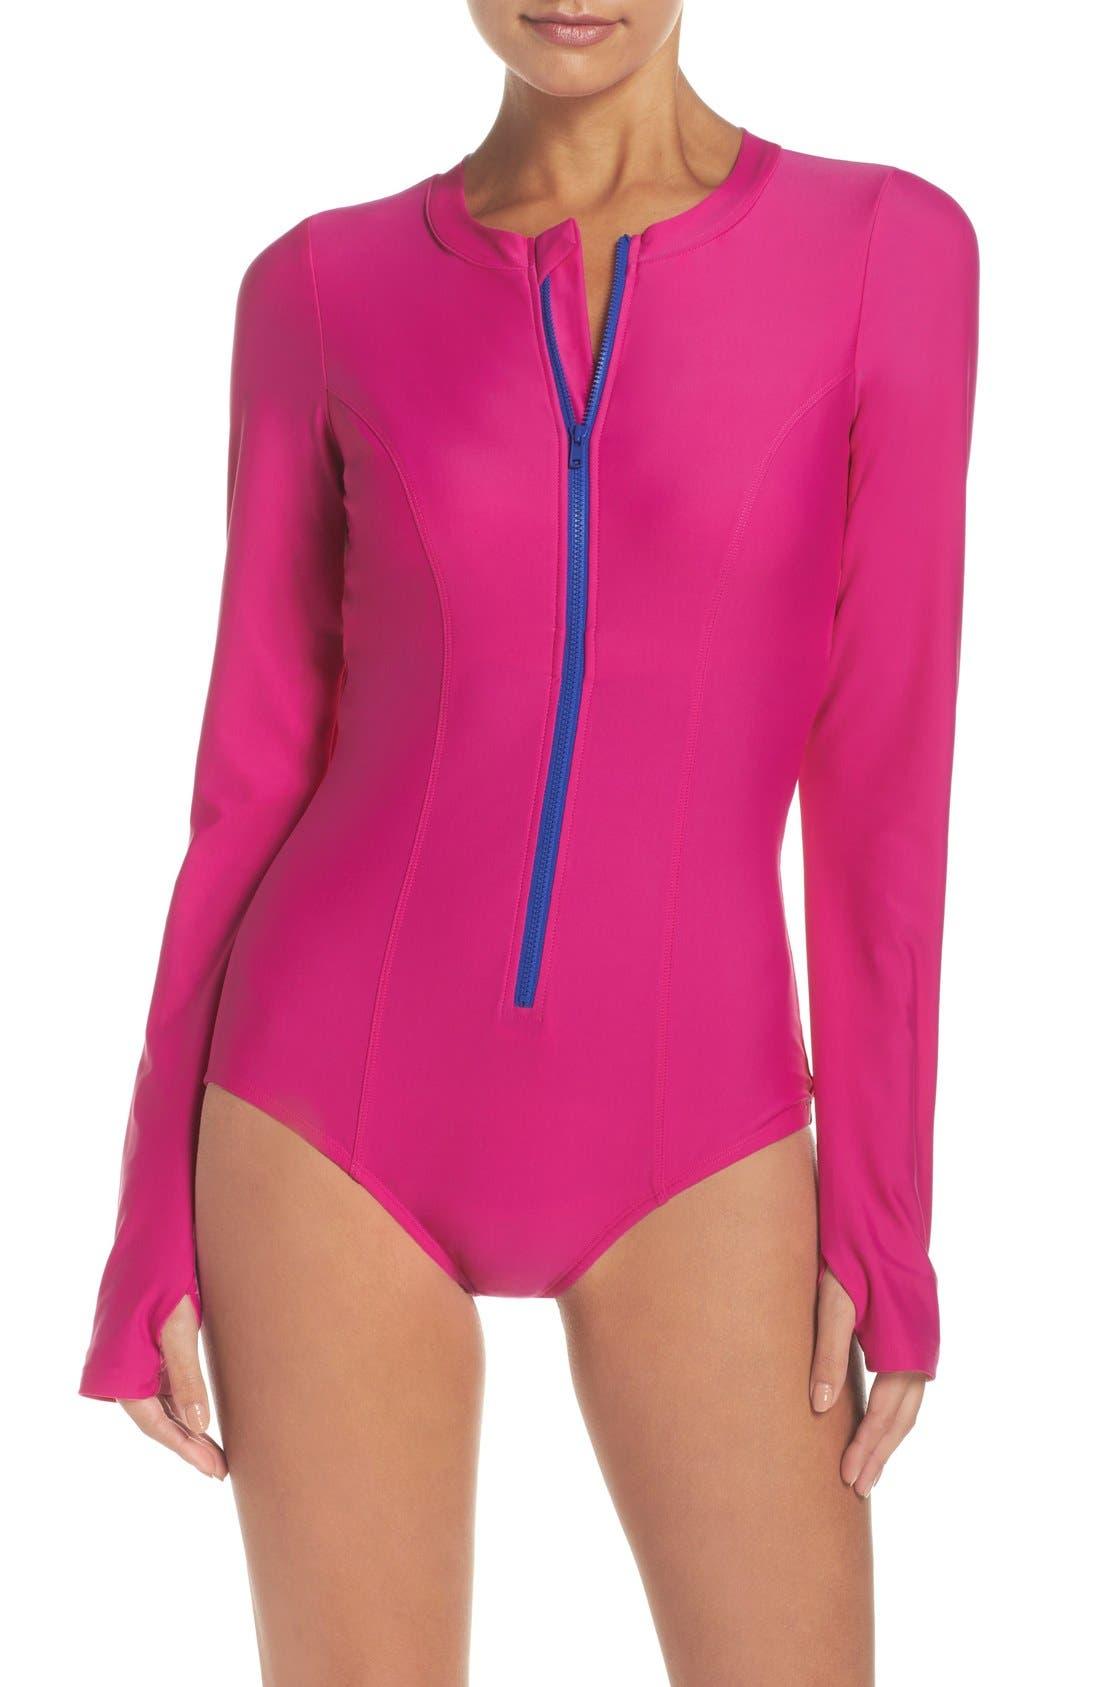 Mott 50 Long Sleeve One-Piece Swimsuit (UPF 50)